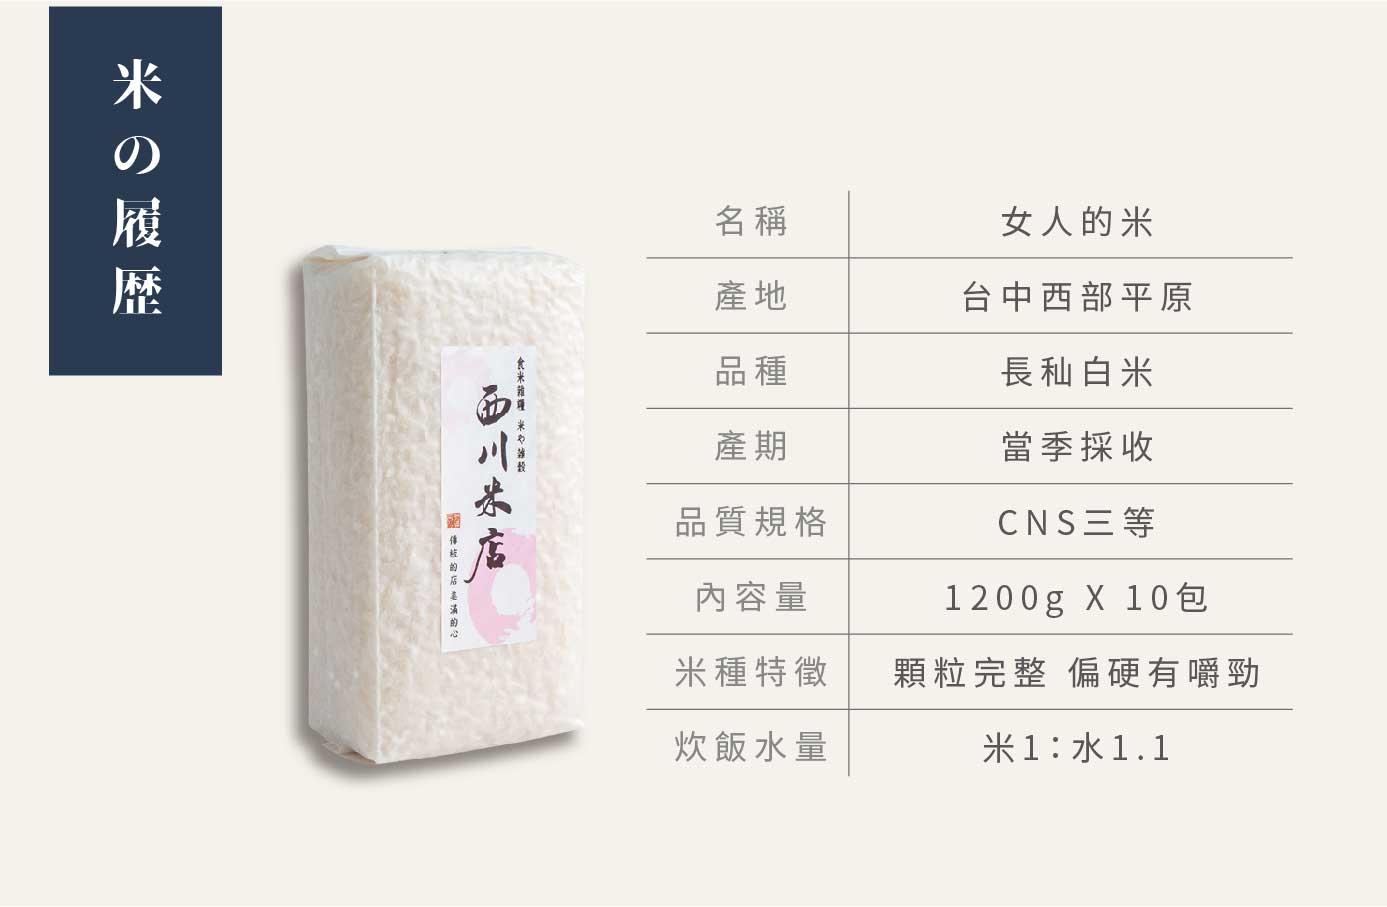 家庭包裝-10包組